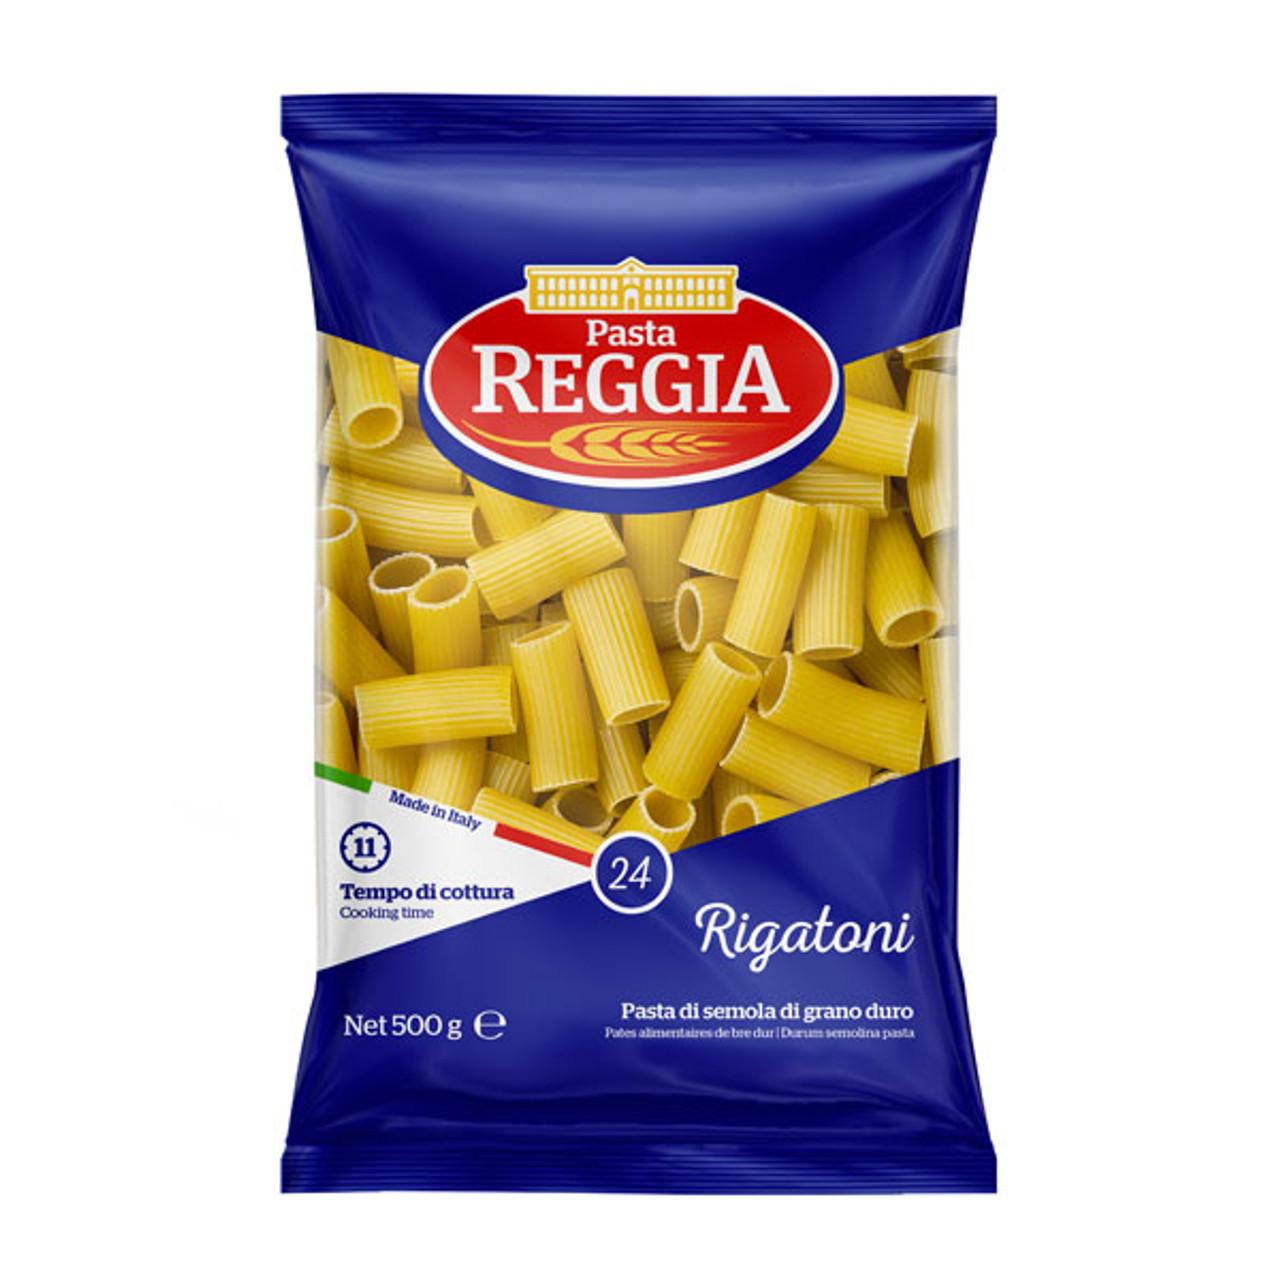 REGGIA PASTA RIGATONI 500g